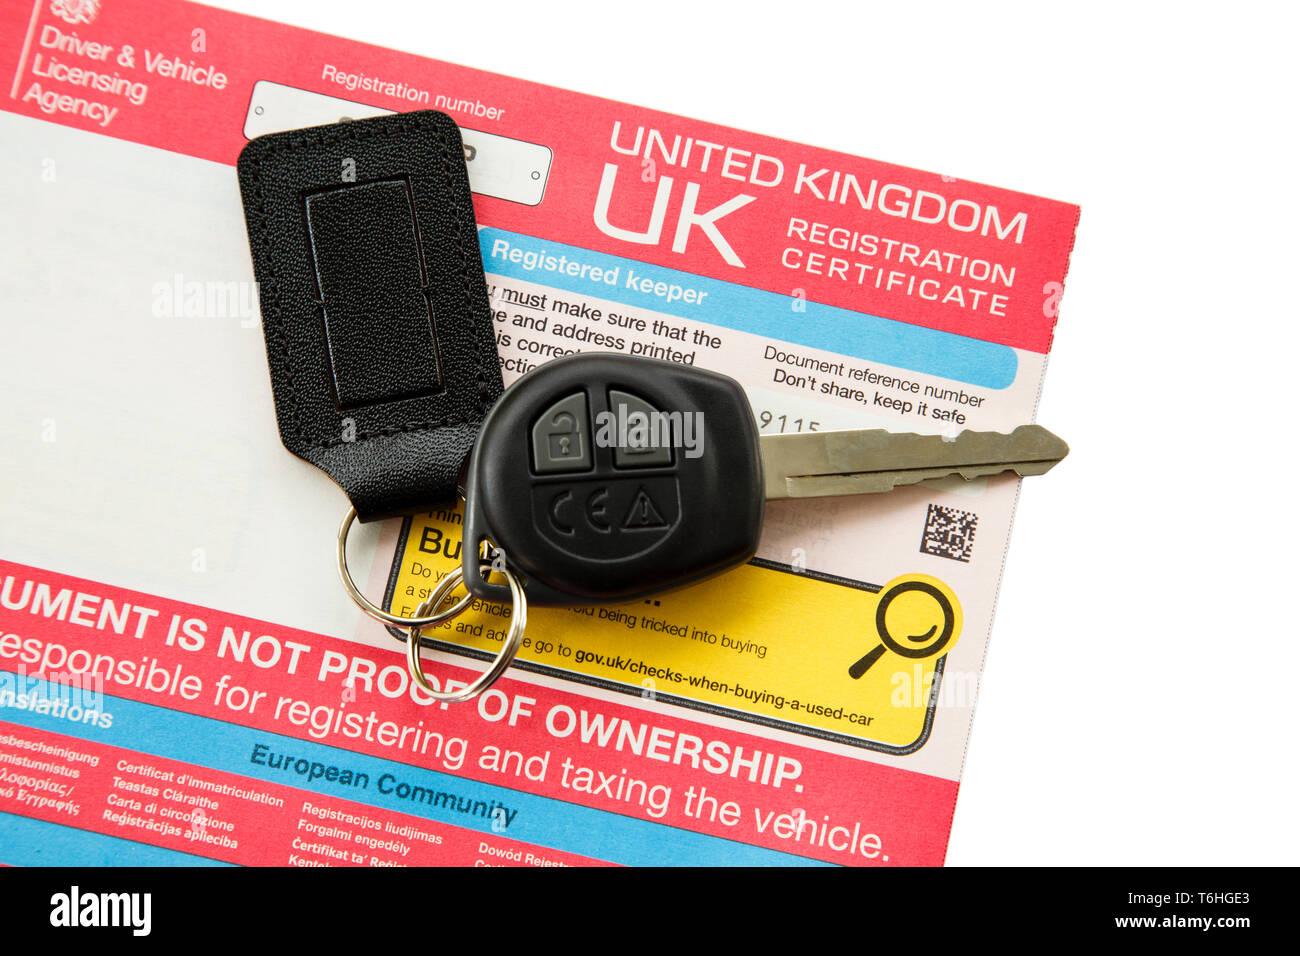 DVLA Royaume-uni certificat d'immatriculation du véhicule pour détenteur déclaré et une clé de voiture isolé sur blanc. En Angleterre, Royaume-Uni, Angleterre Photo Stock